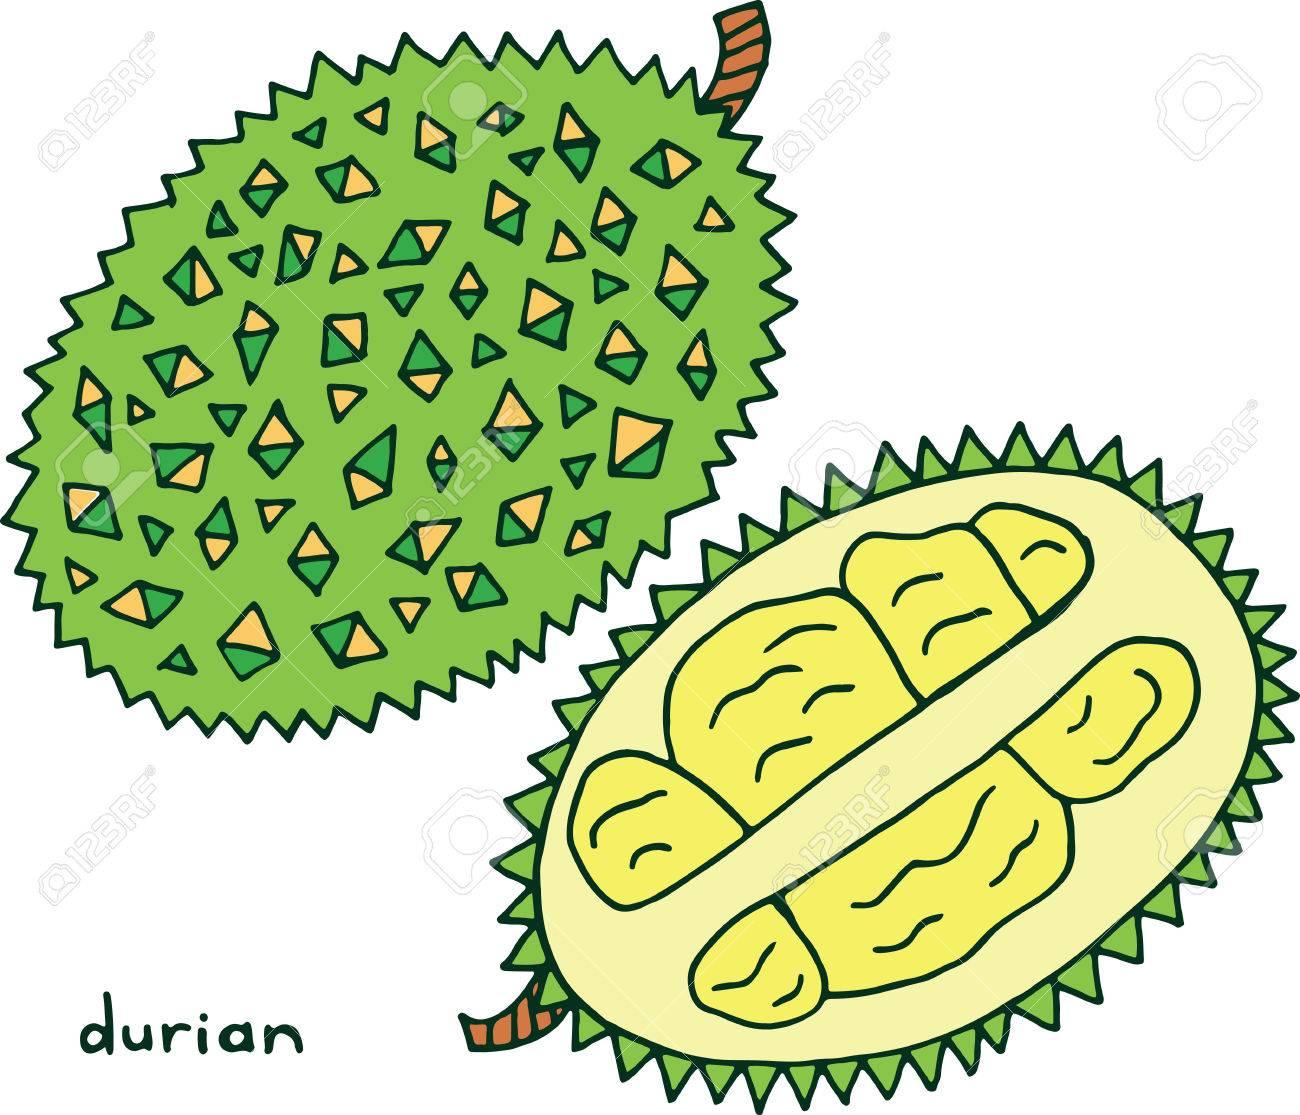 Durian Frucht Malvorlagen. Grafik Vektor Bunte Doodle Kunst Zum ...